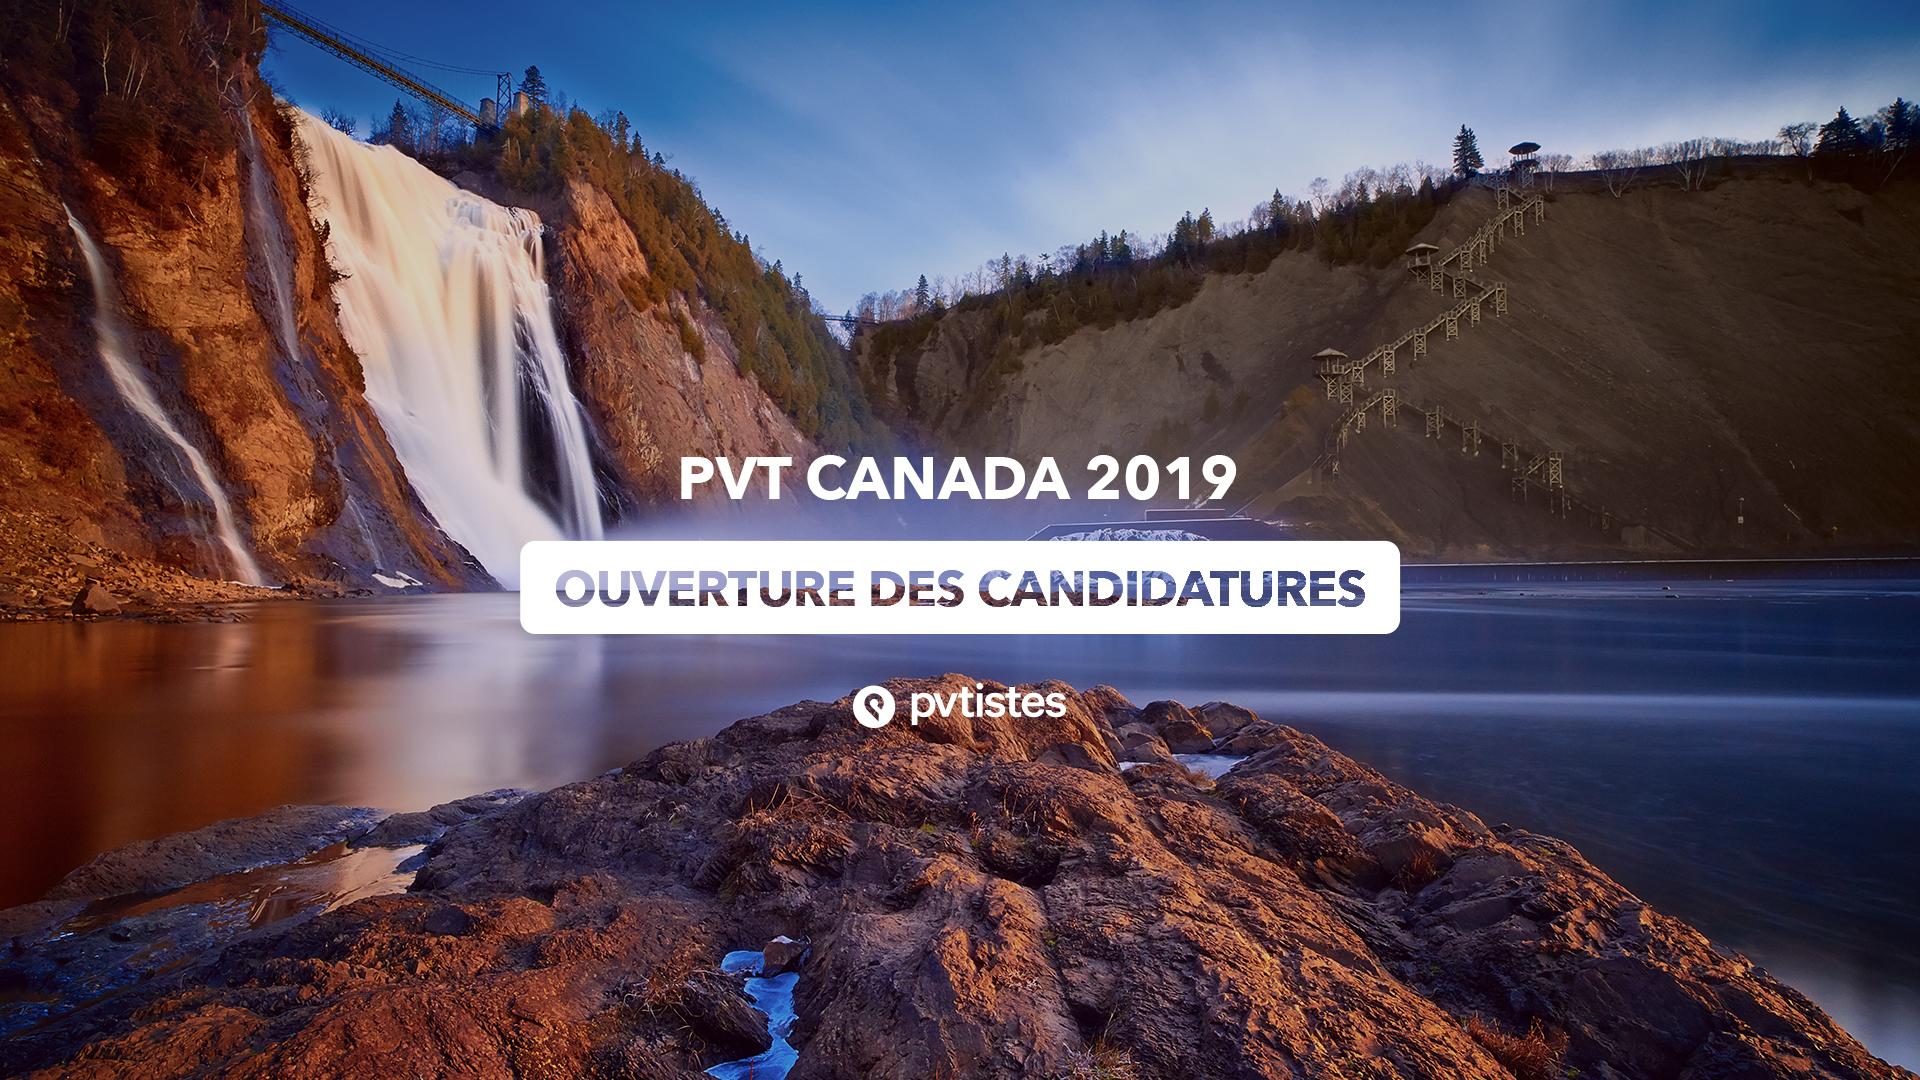 pvtistes-ouverture-du-pvt-canada-2019